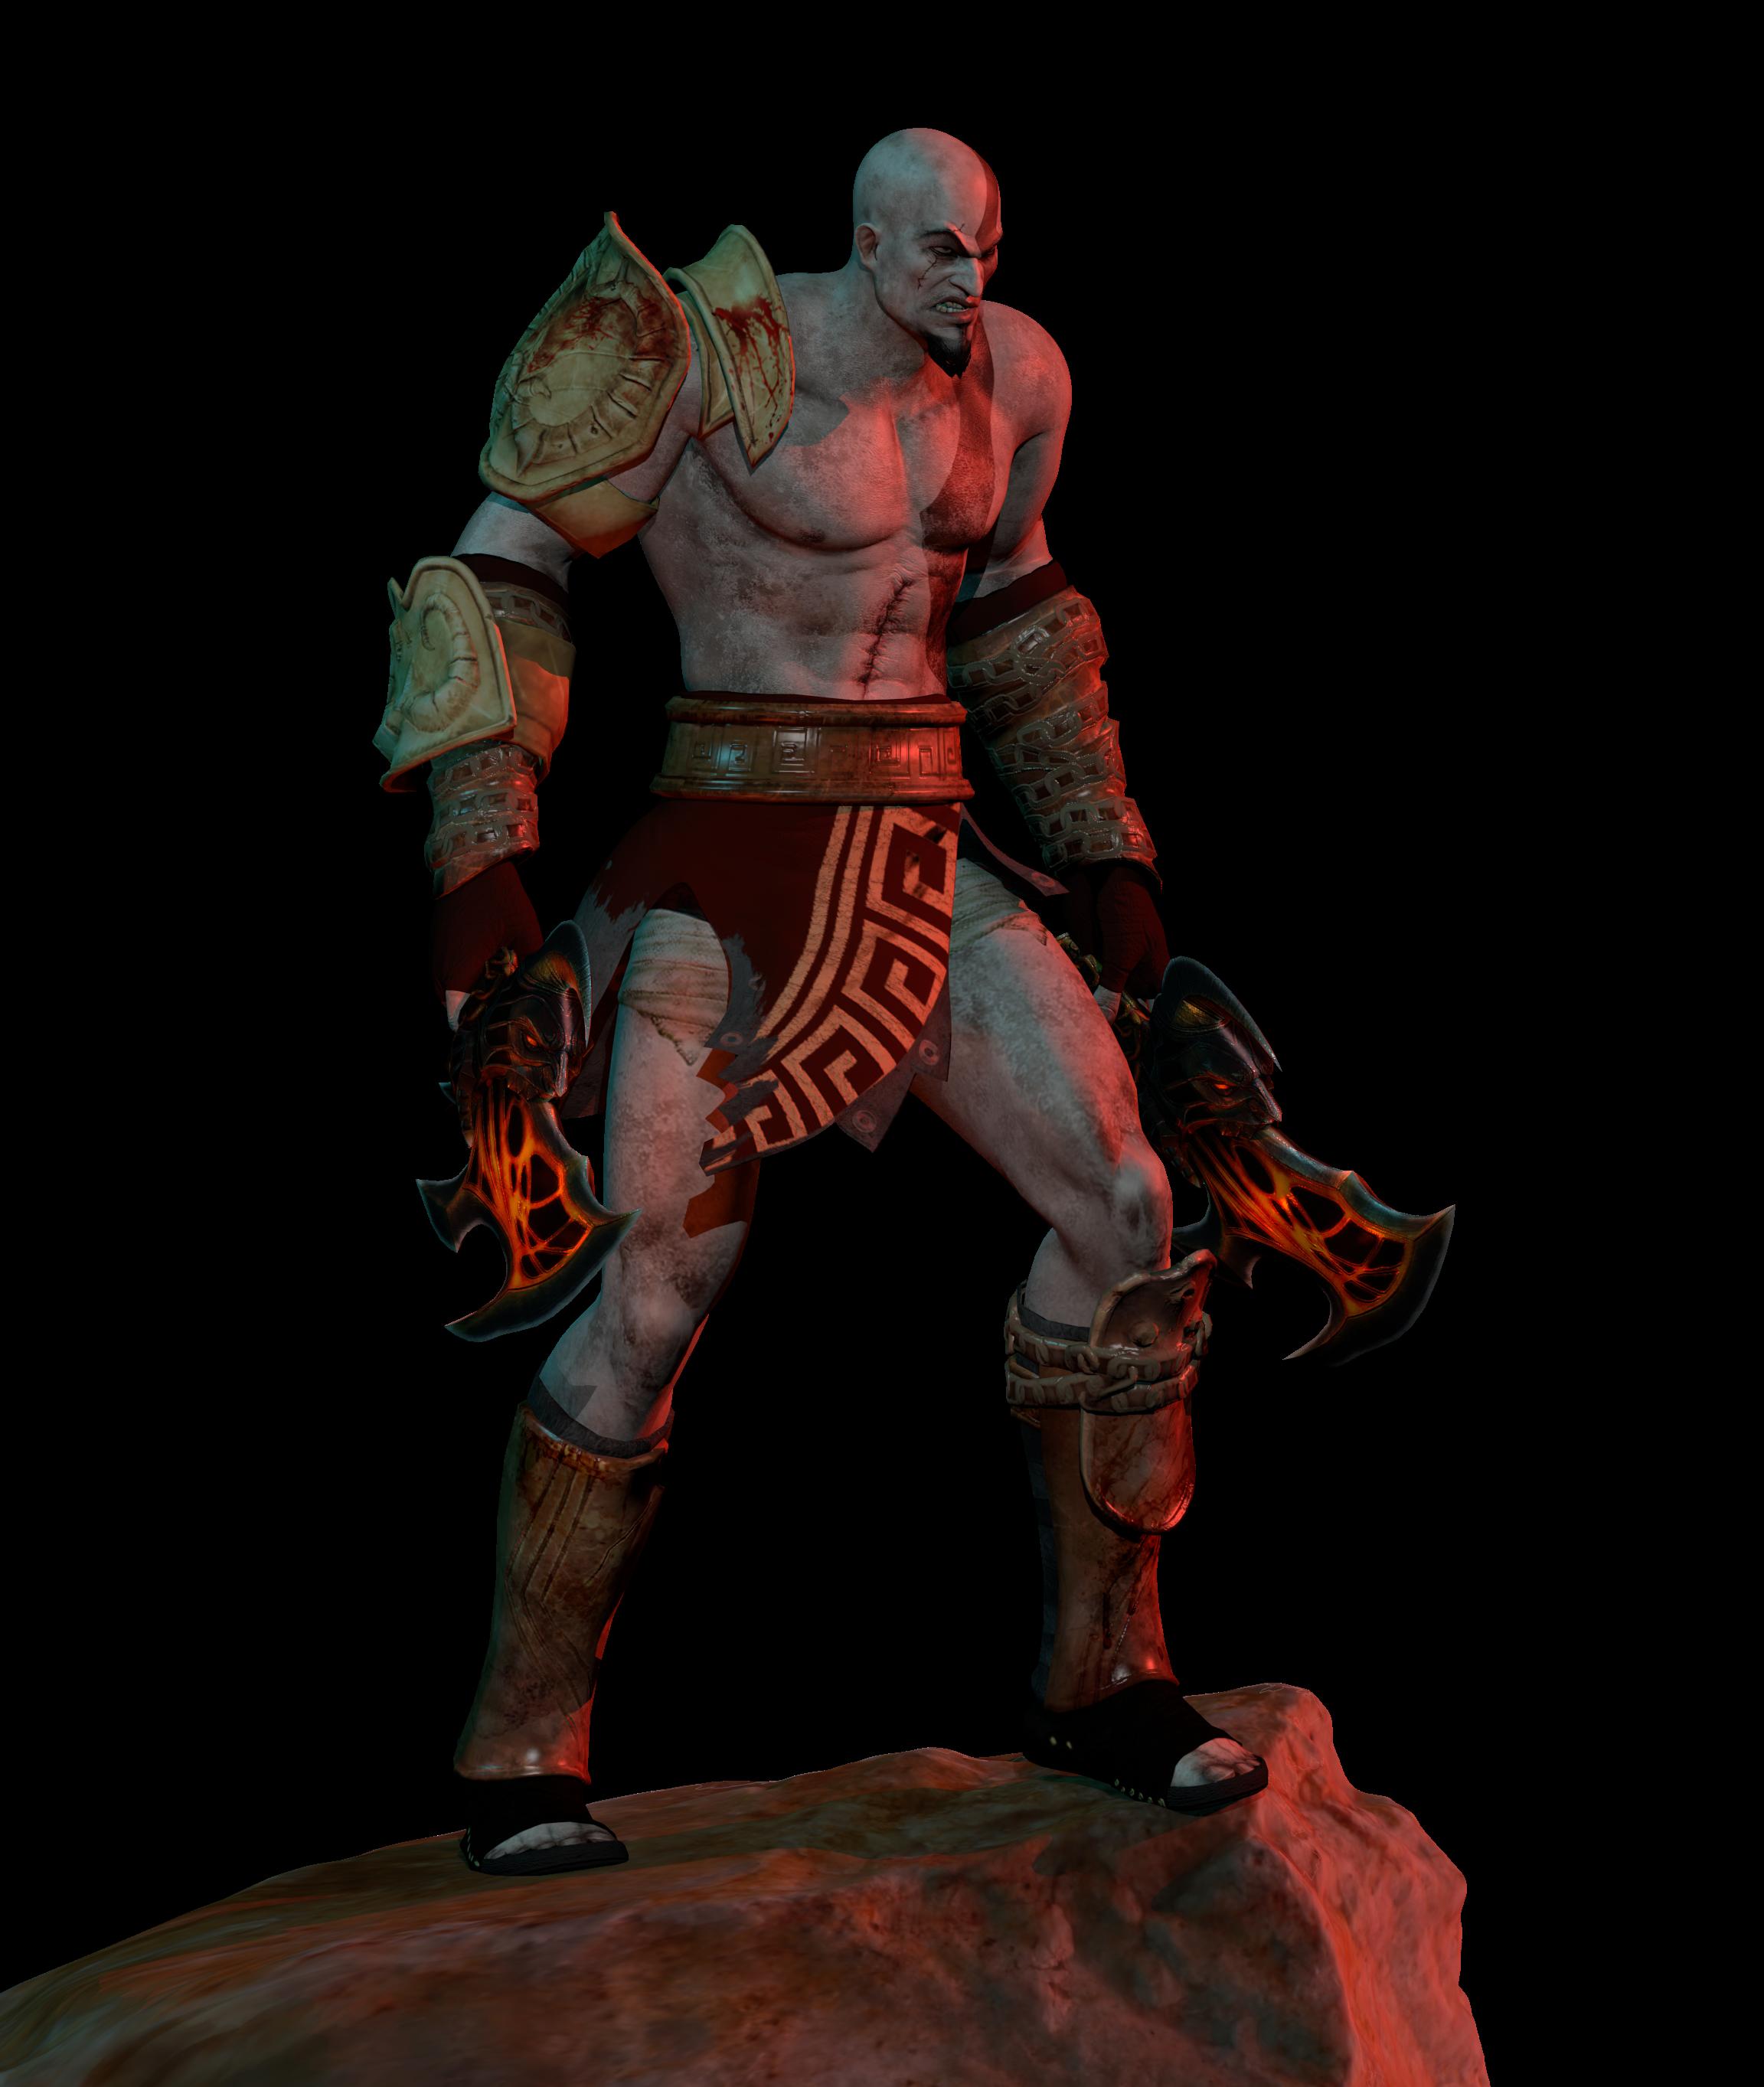 [Blender Download] Kratos God of War 3